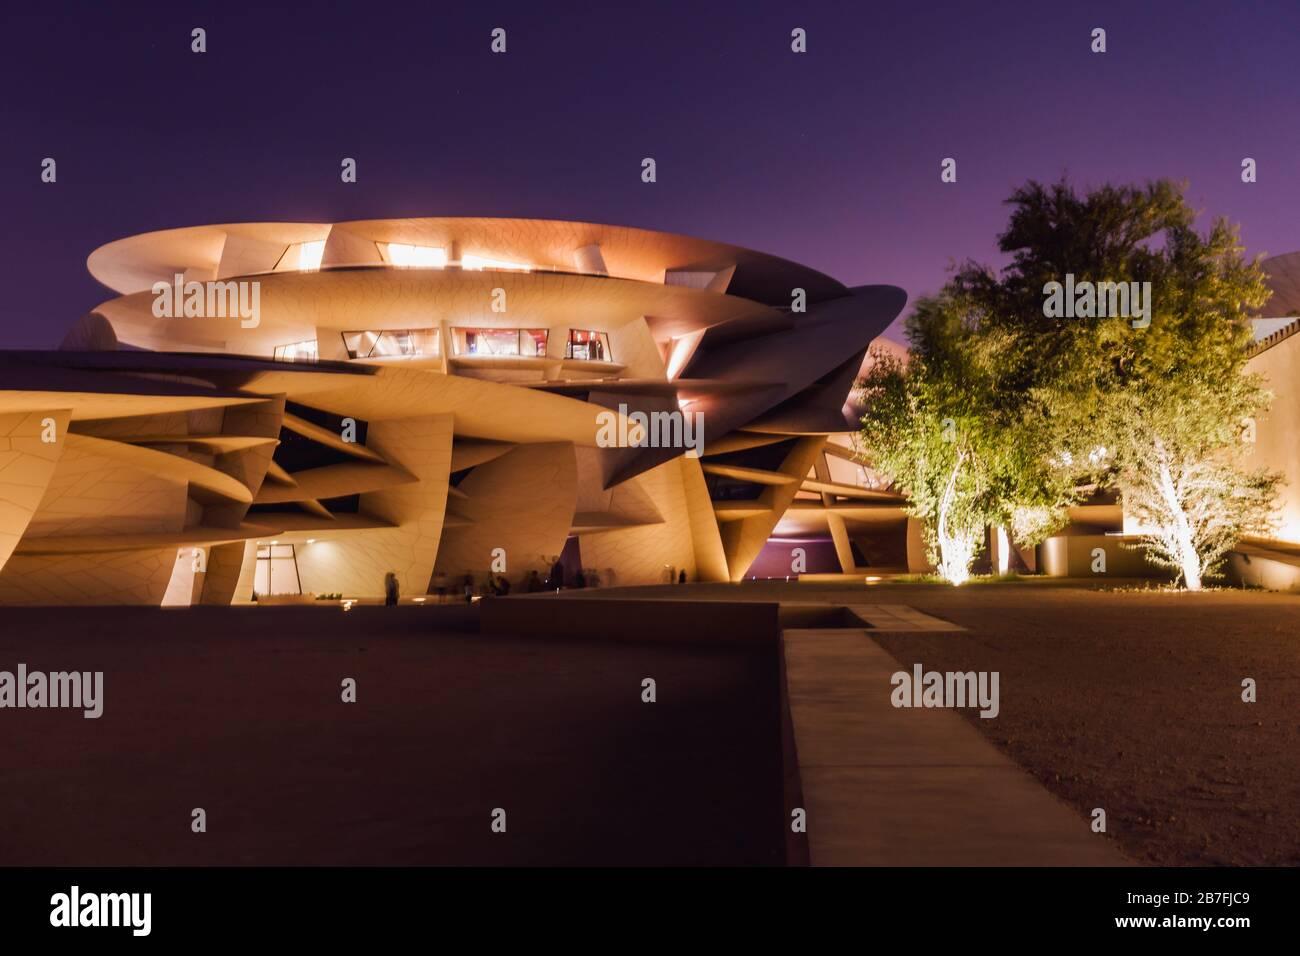 Foto nocturna del Museo Nacional de Qatar, con su llamativo diseño en disco, en Doha, Qatar Foto de stock